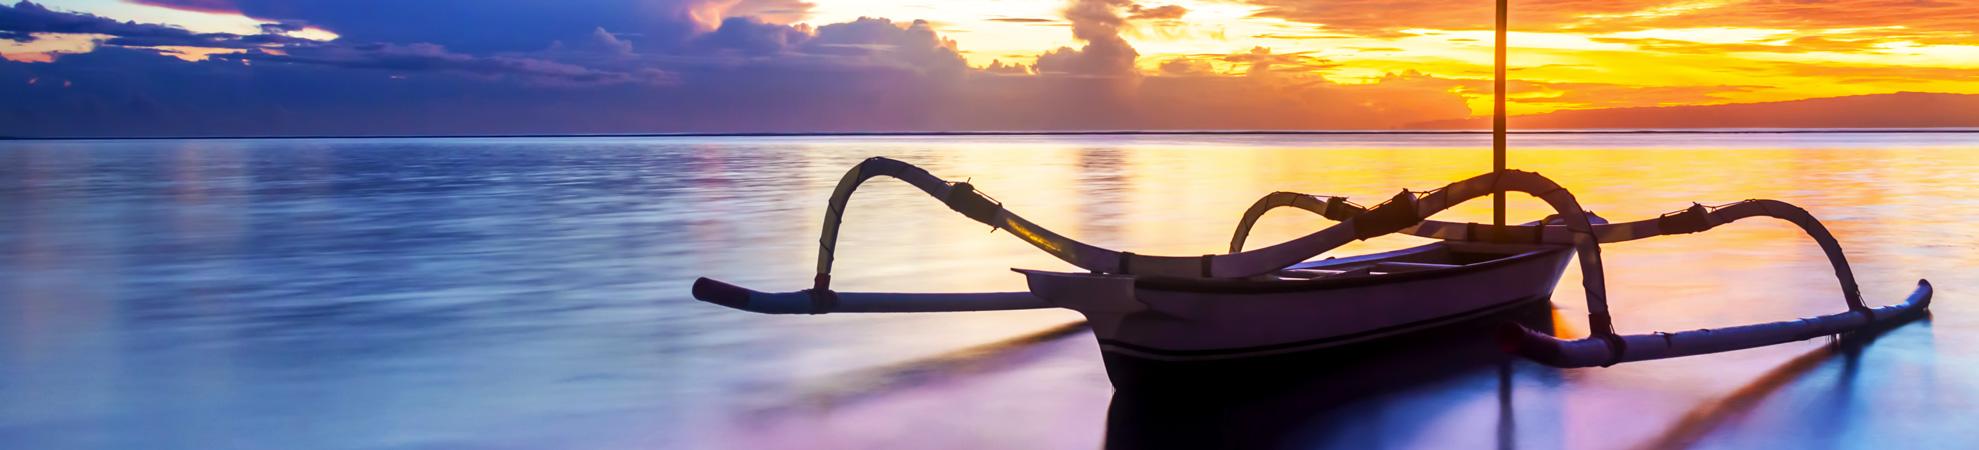 Aller à Bali en bateau